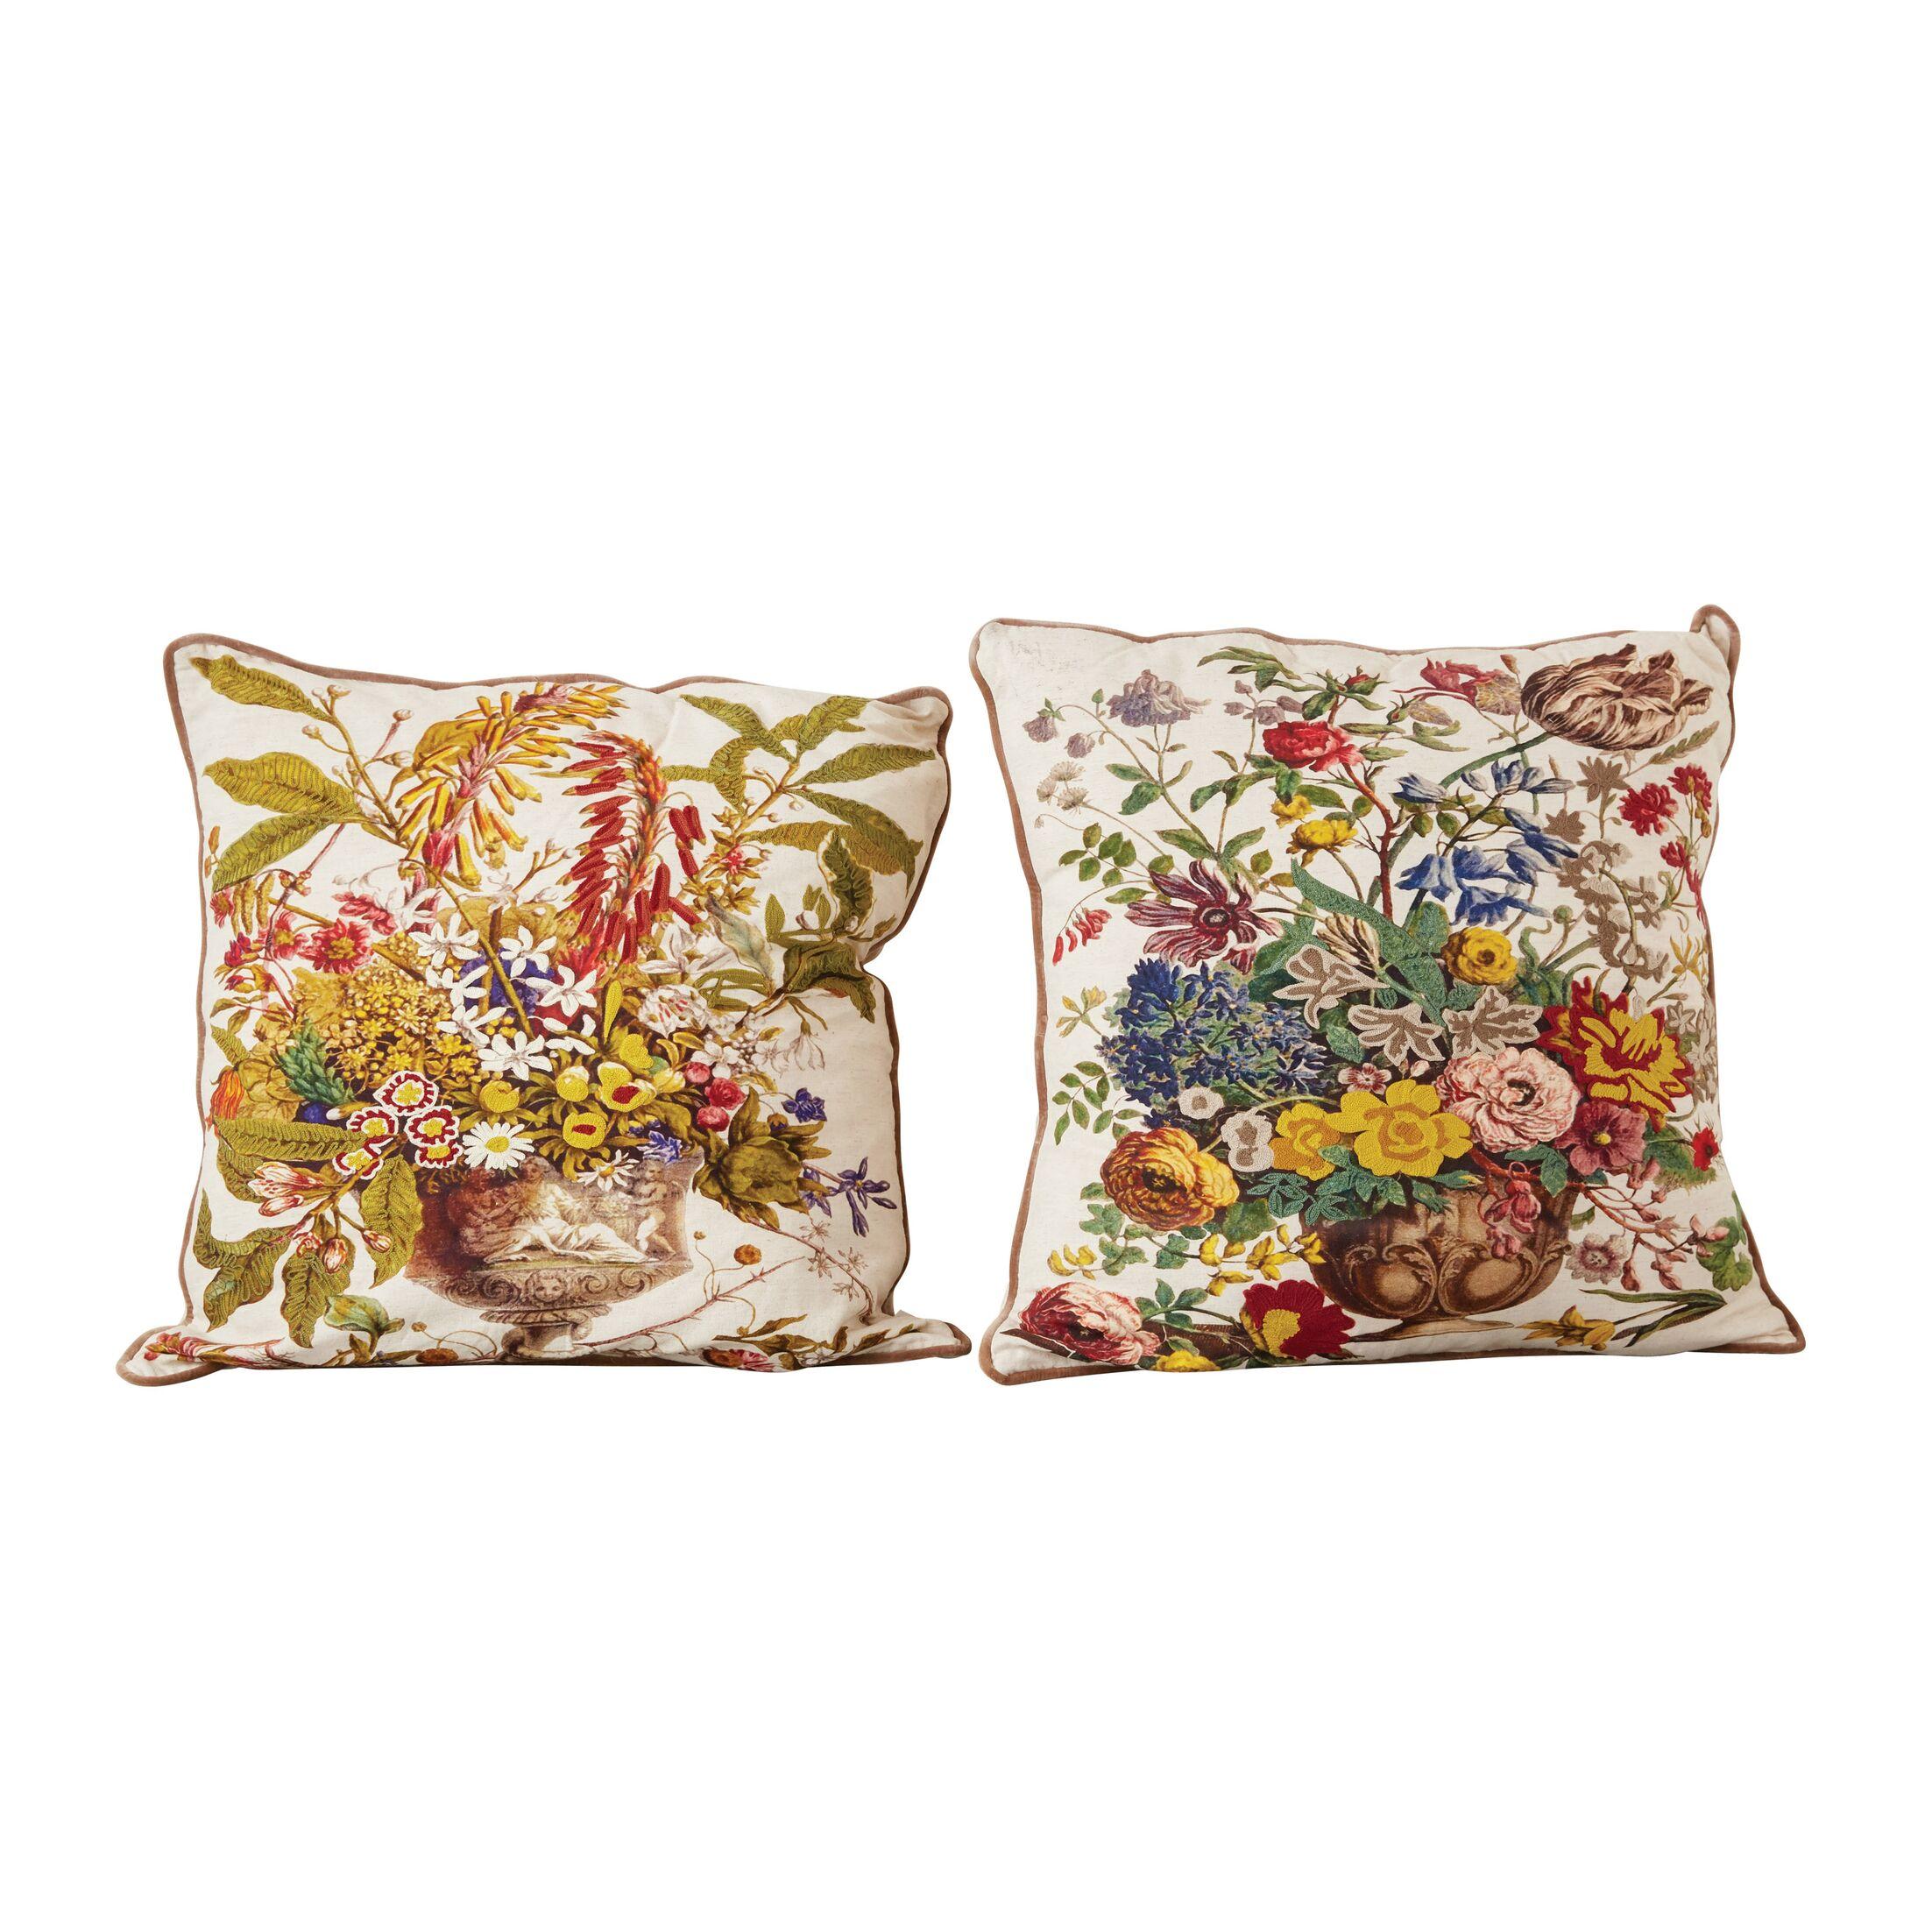 Haledon 100% Cotton Printed 2 Piece Euro Pillow Set